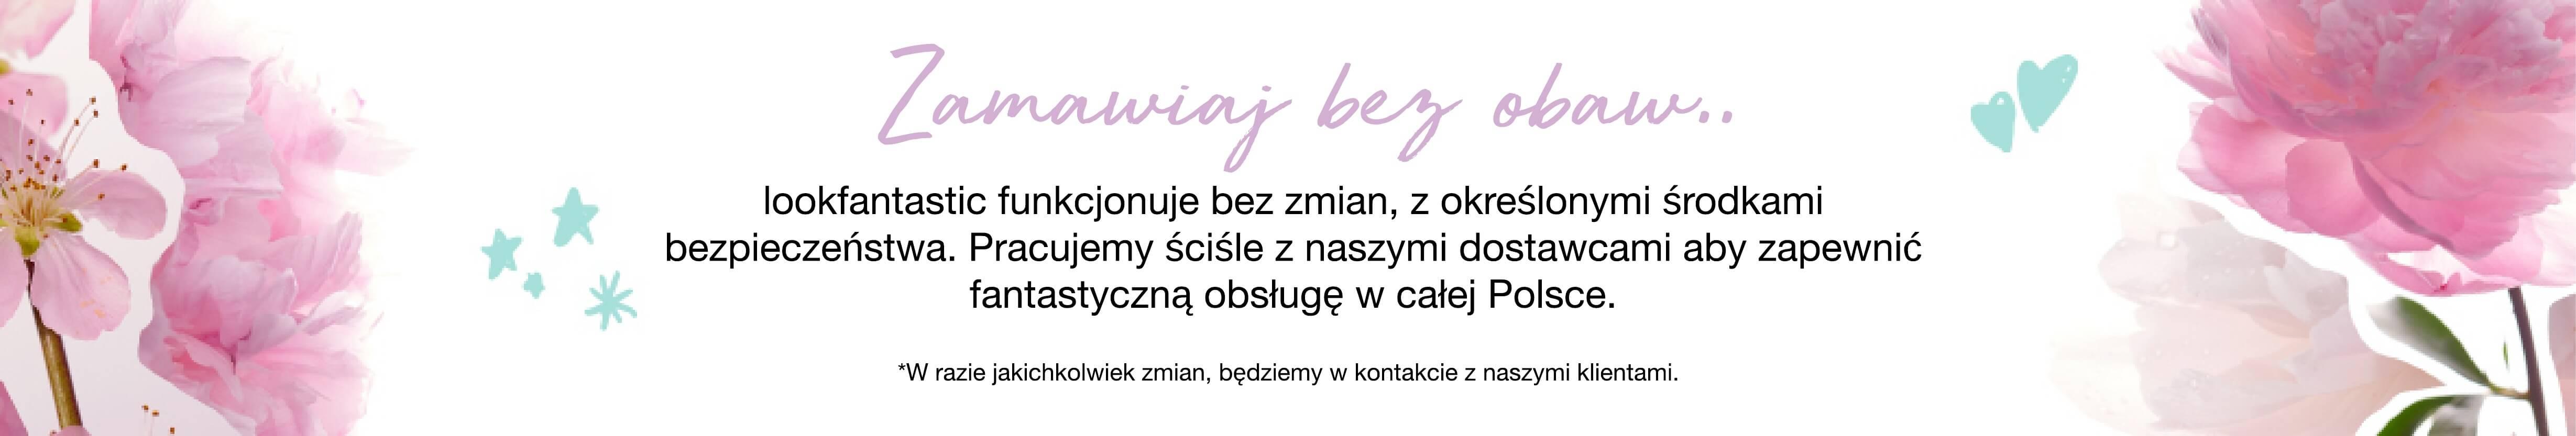 Zamawiaj bez obaw... lookfantastic funkcjonuje bez zmian, z określonymi środkami bezpieczeństwa. Pracujemy ściśle z naszymi dostawcami aby zapewnić fantastyczną obsługę w całej Polsce. *W razie jakichkolwiek zmian, będziemy w kontakcie z naszymi klientami.